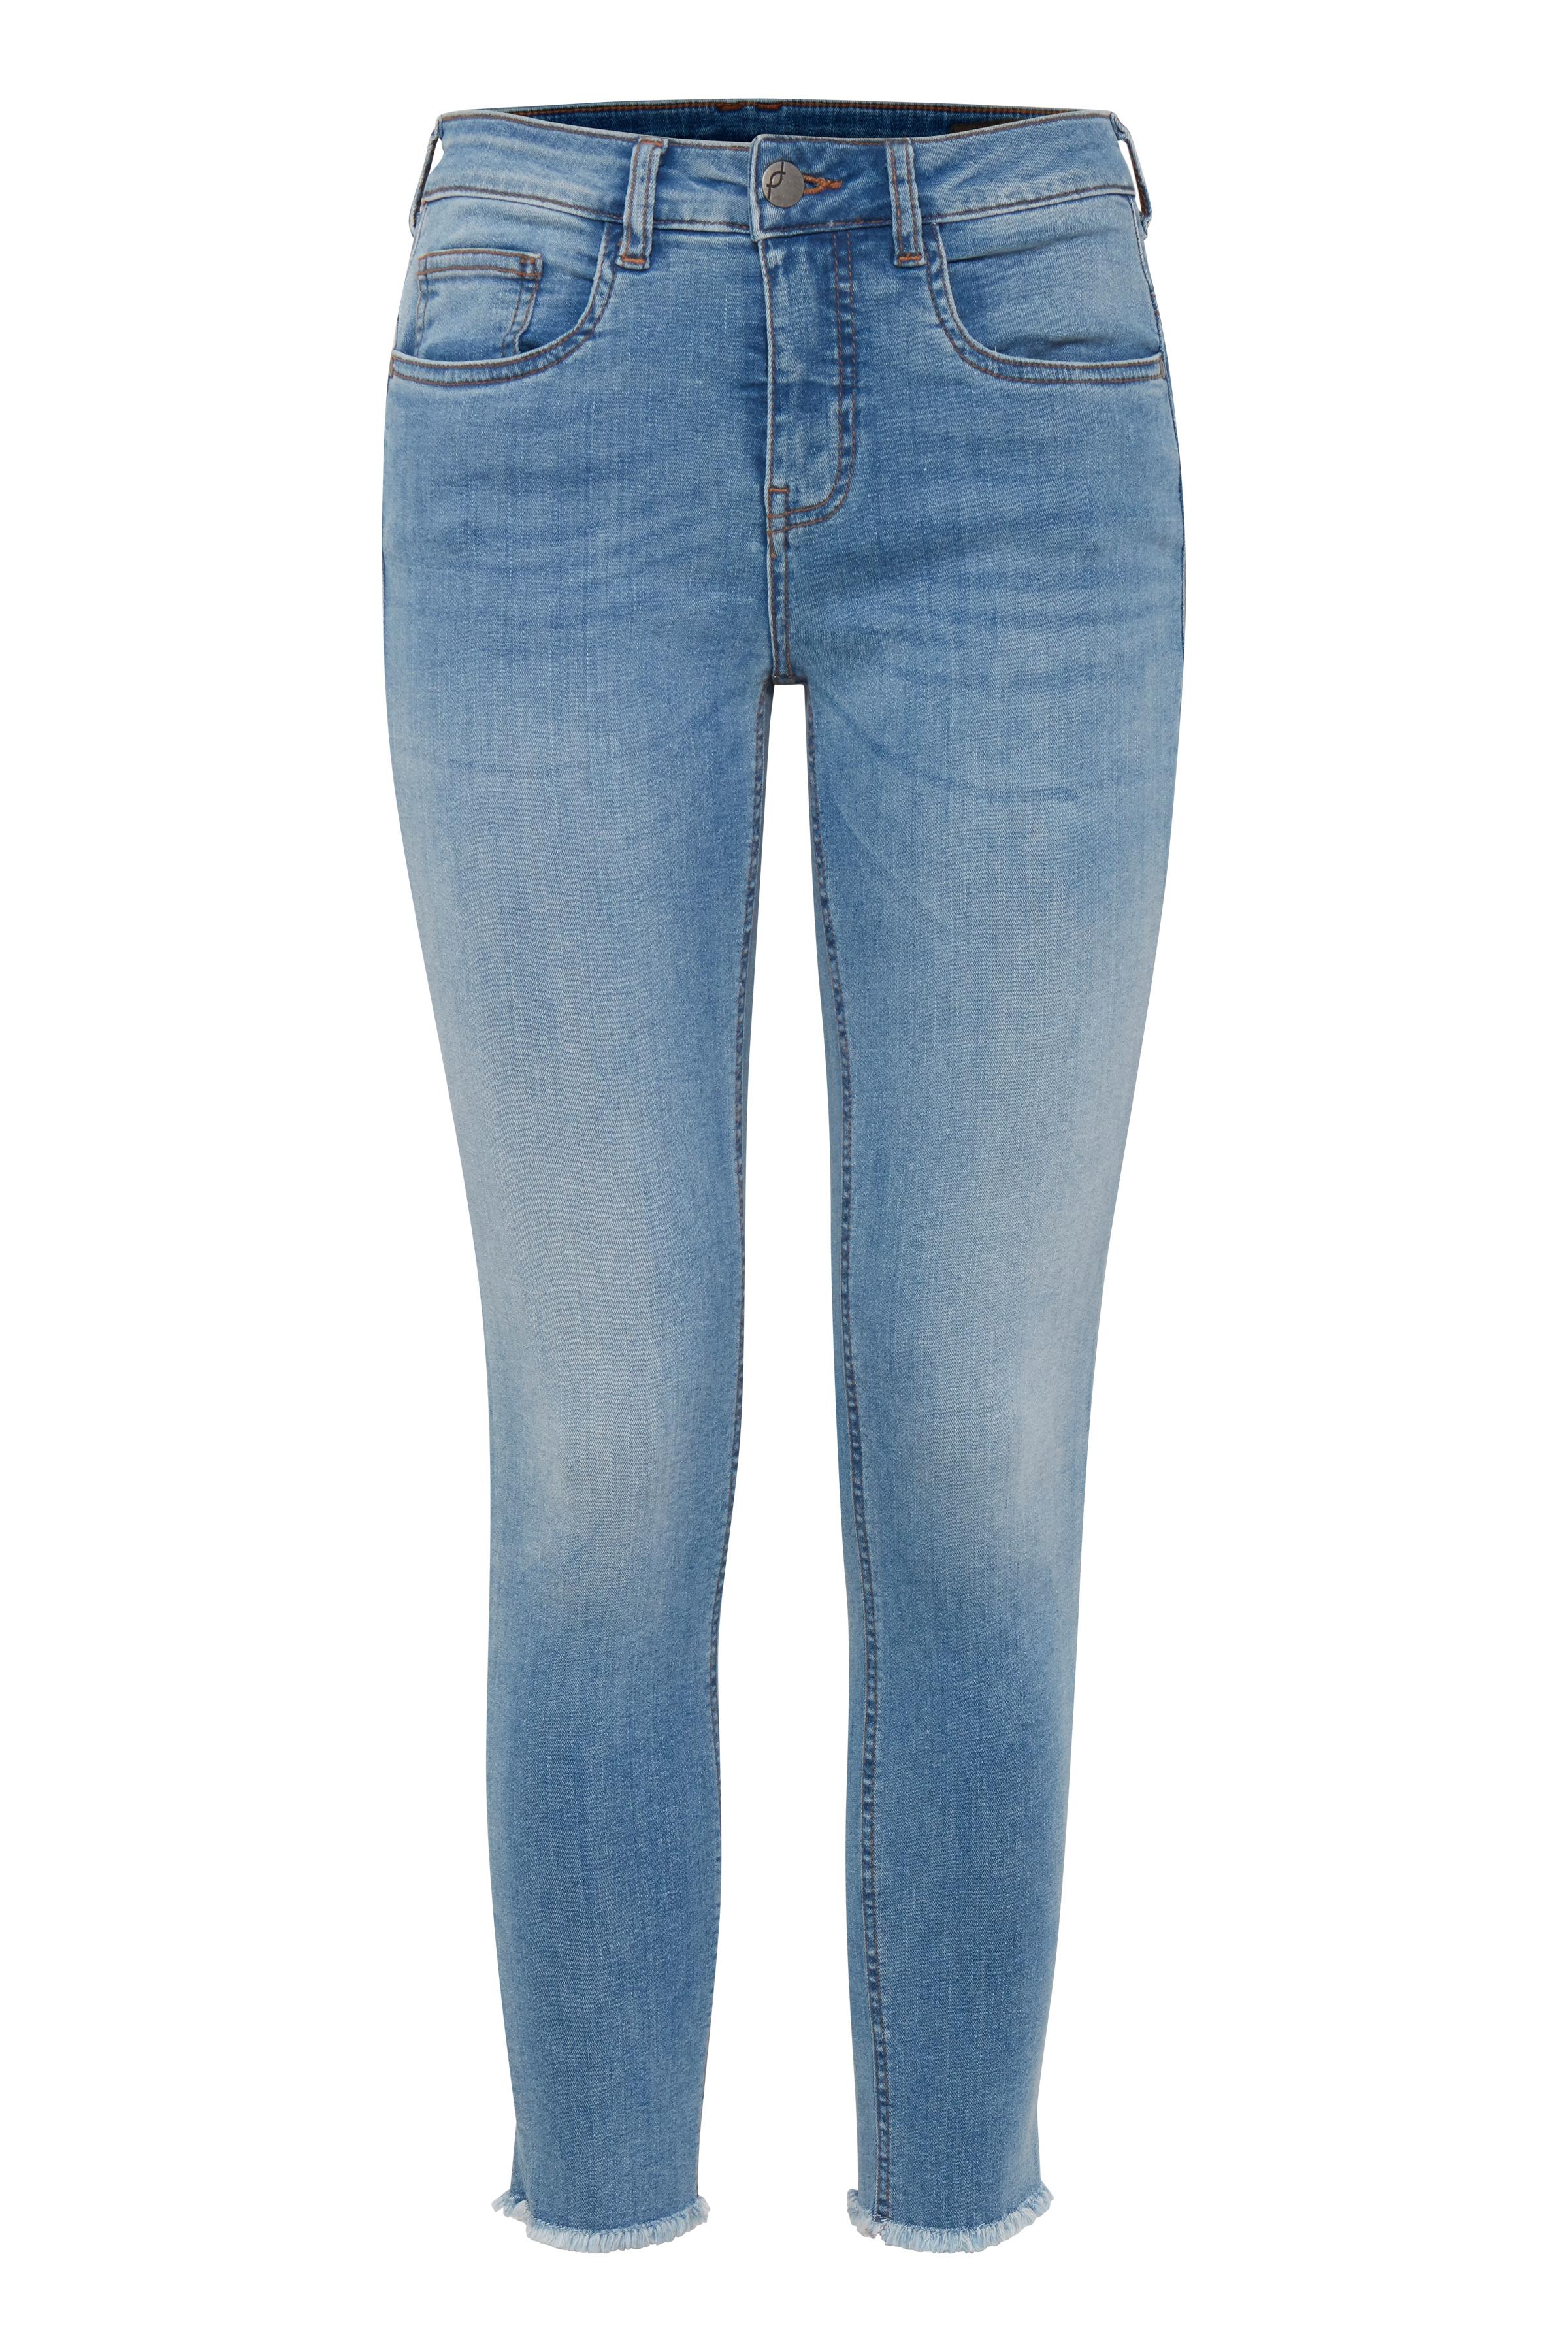 Cool blue denim Jeans – Køb Cool blue denim Jeans fra str. 34-46 her